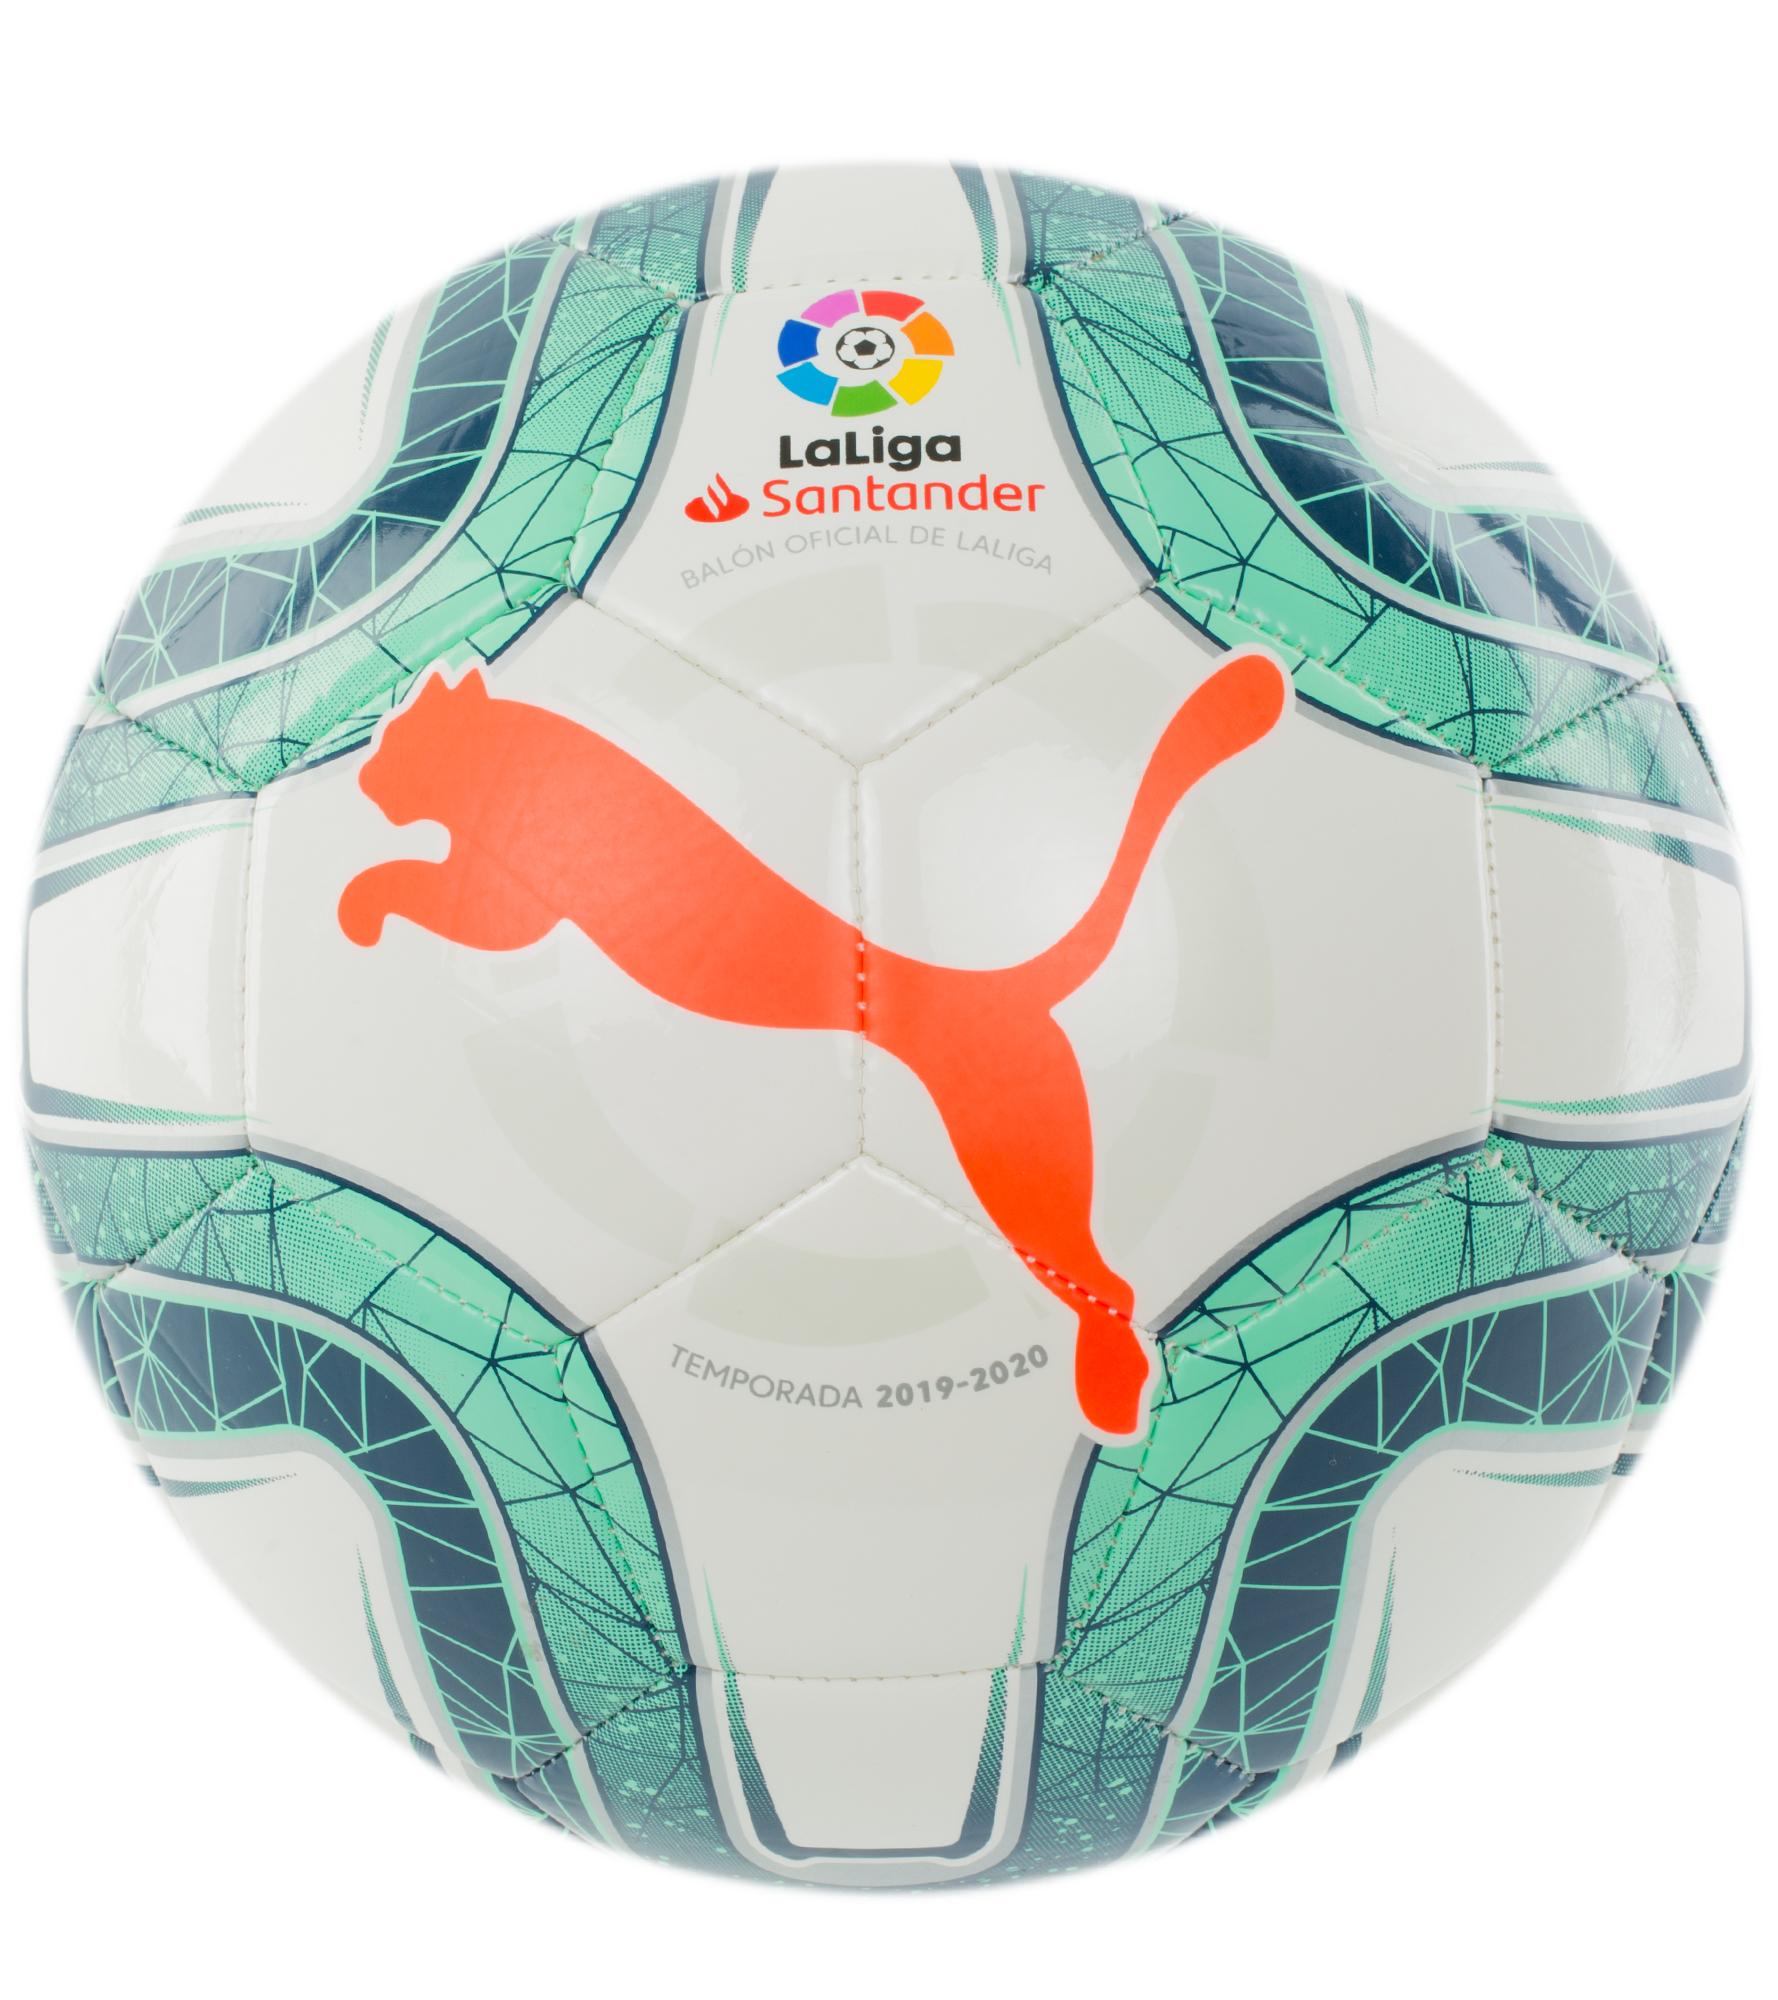 PUMA Футбольный мяч Puma LaLiga puma мяч футбольный puma superhero lite